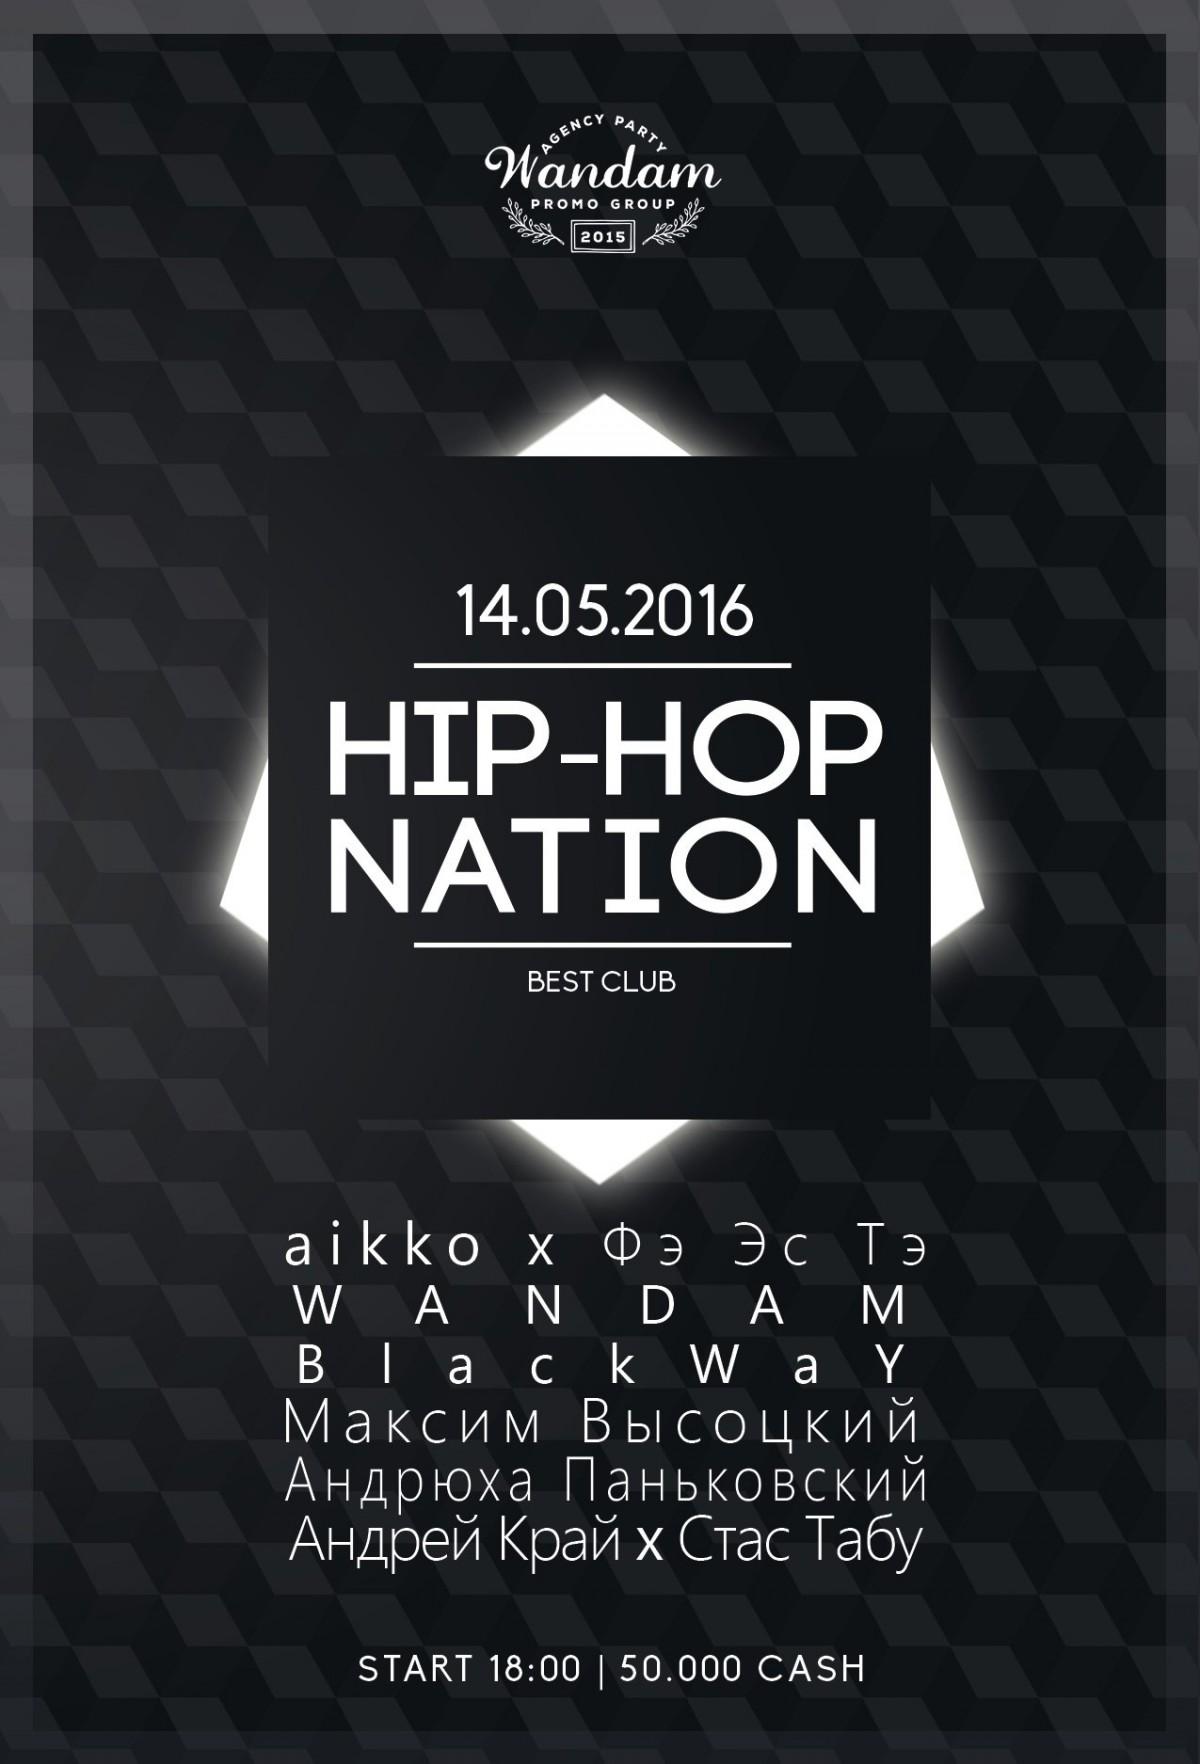 HIP-HOP NATION